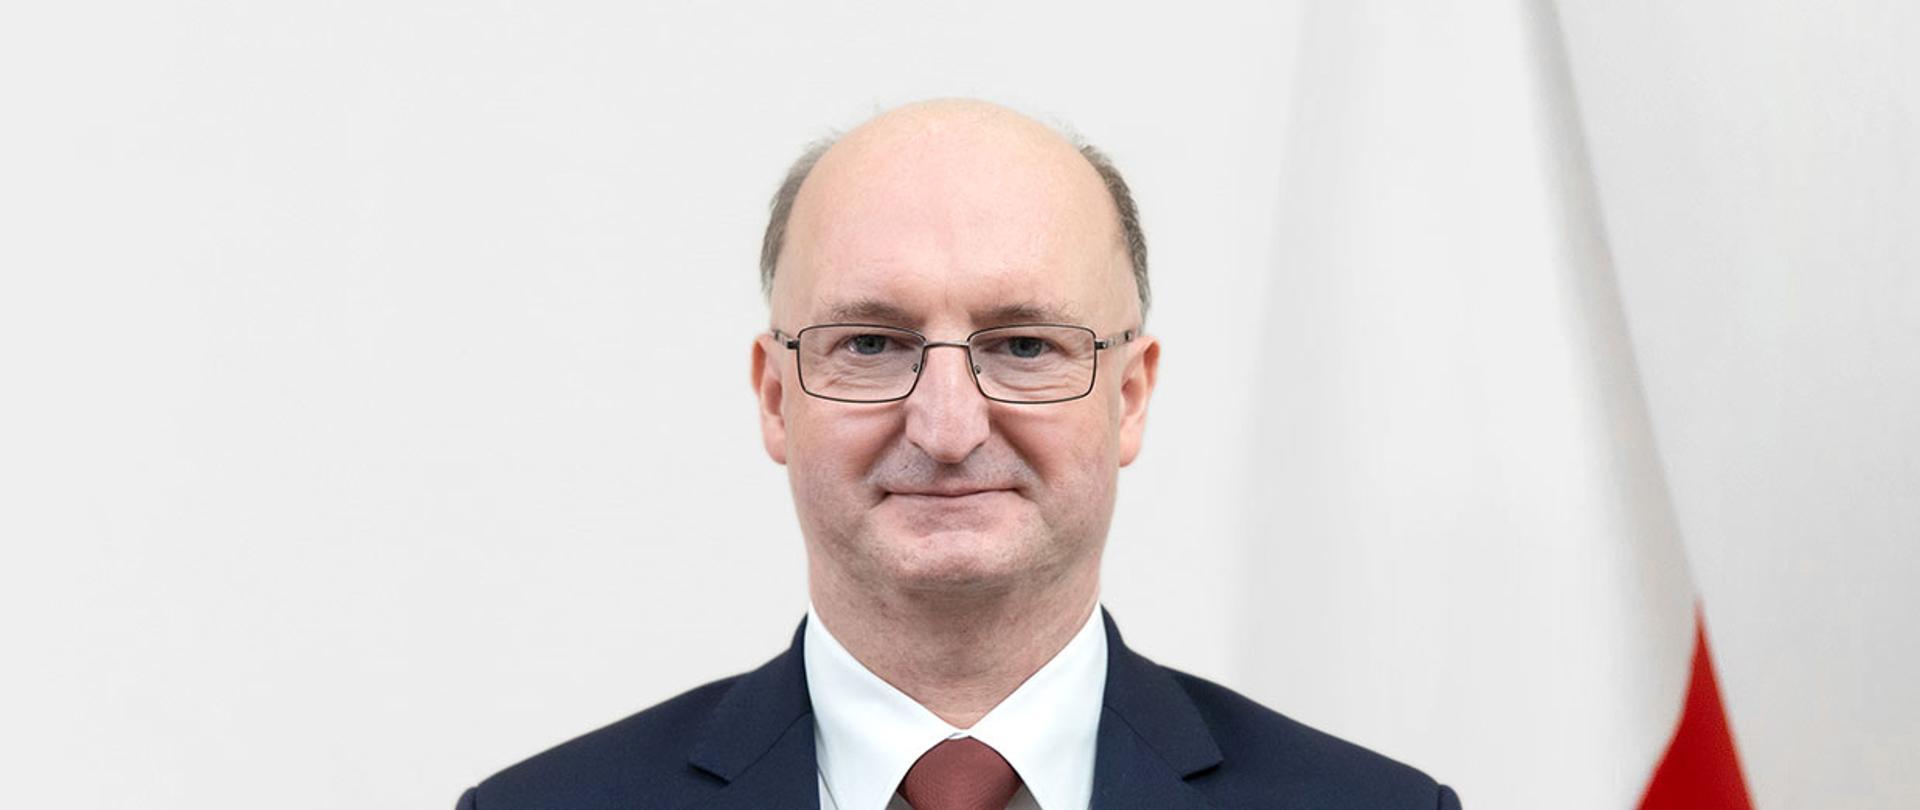 Piotr Wawrzyk - Ministerstwo Spraw Zagranicznych - Portal Gov.pl